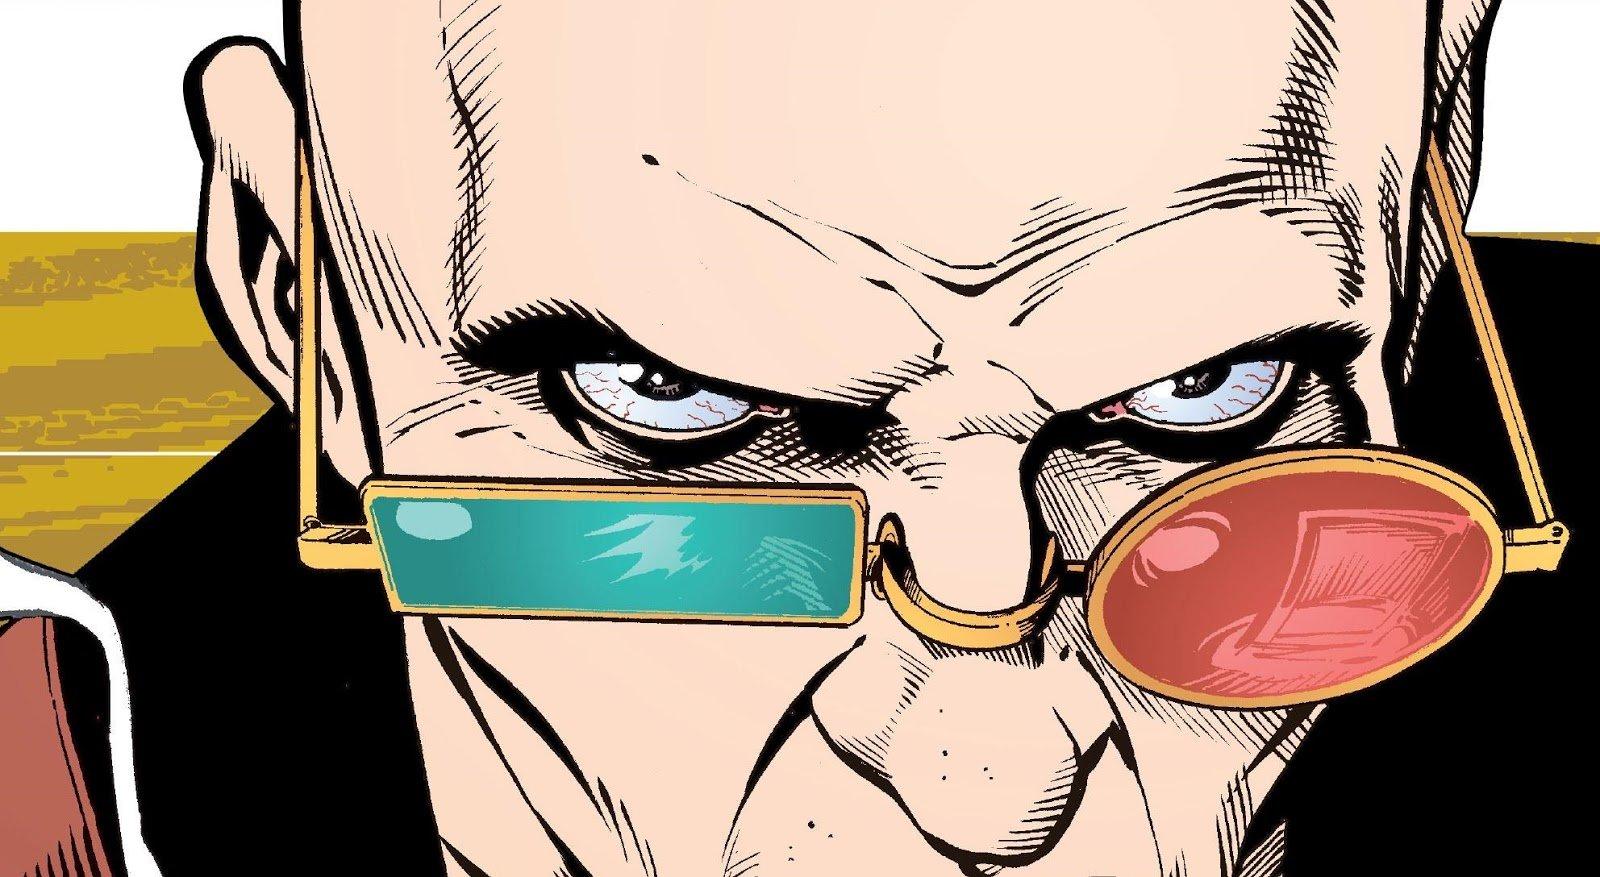 transmetropolitan трансметрополитен spider jerusalem спайдер иерусалим комиксы чтиво под пиво отвратительные мужики disgusting men